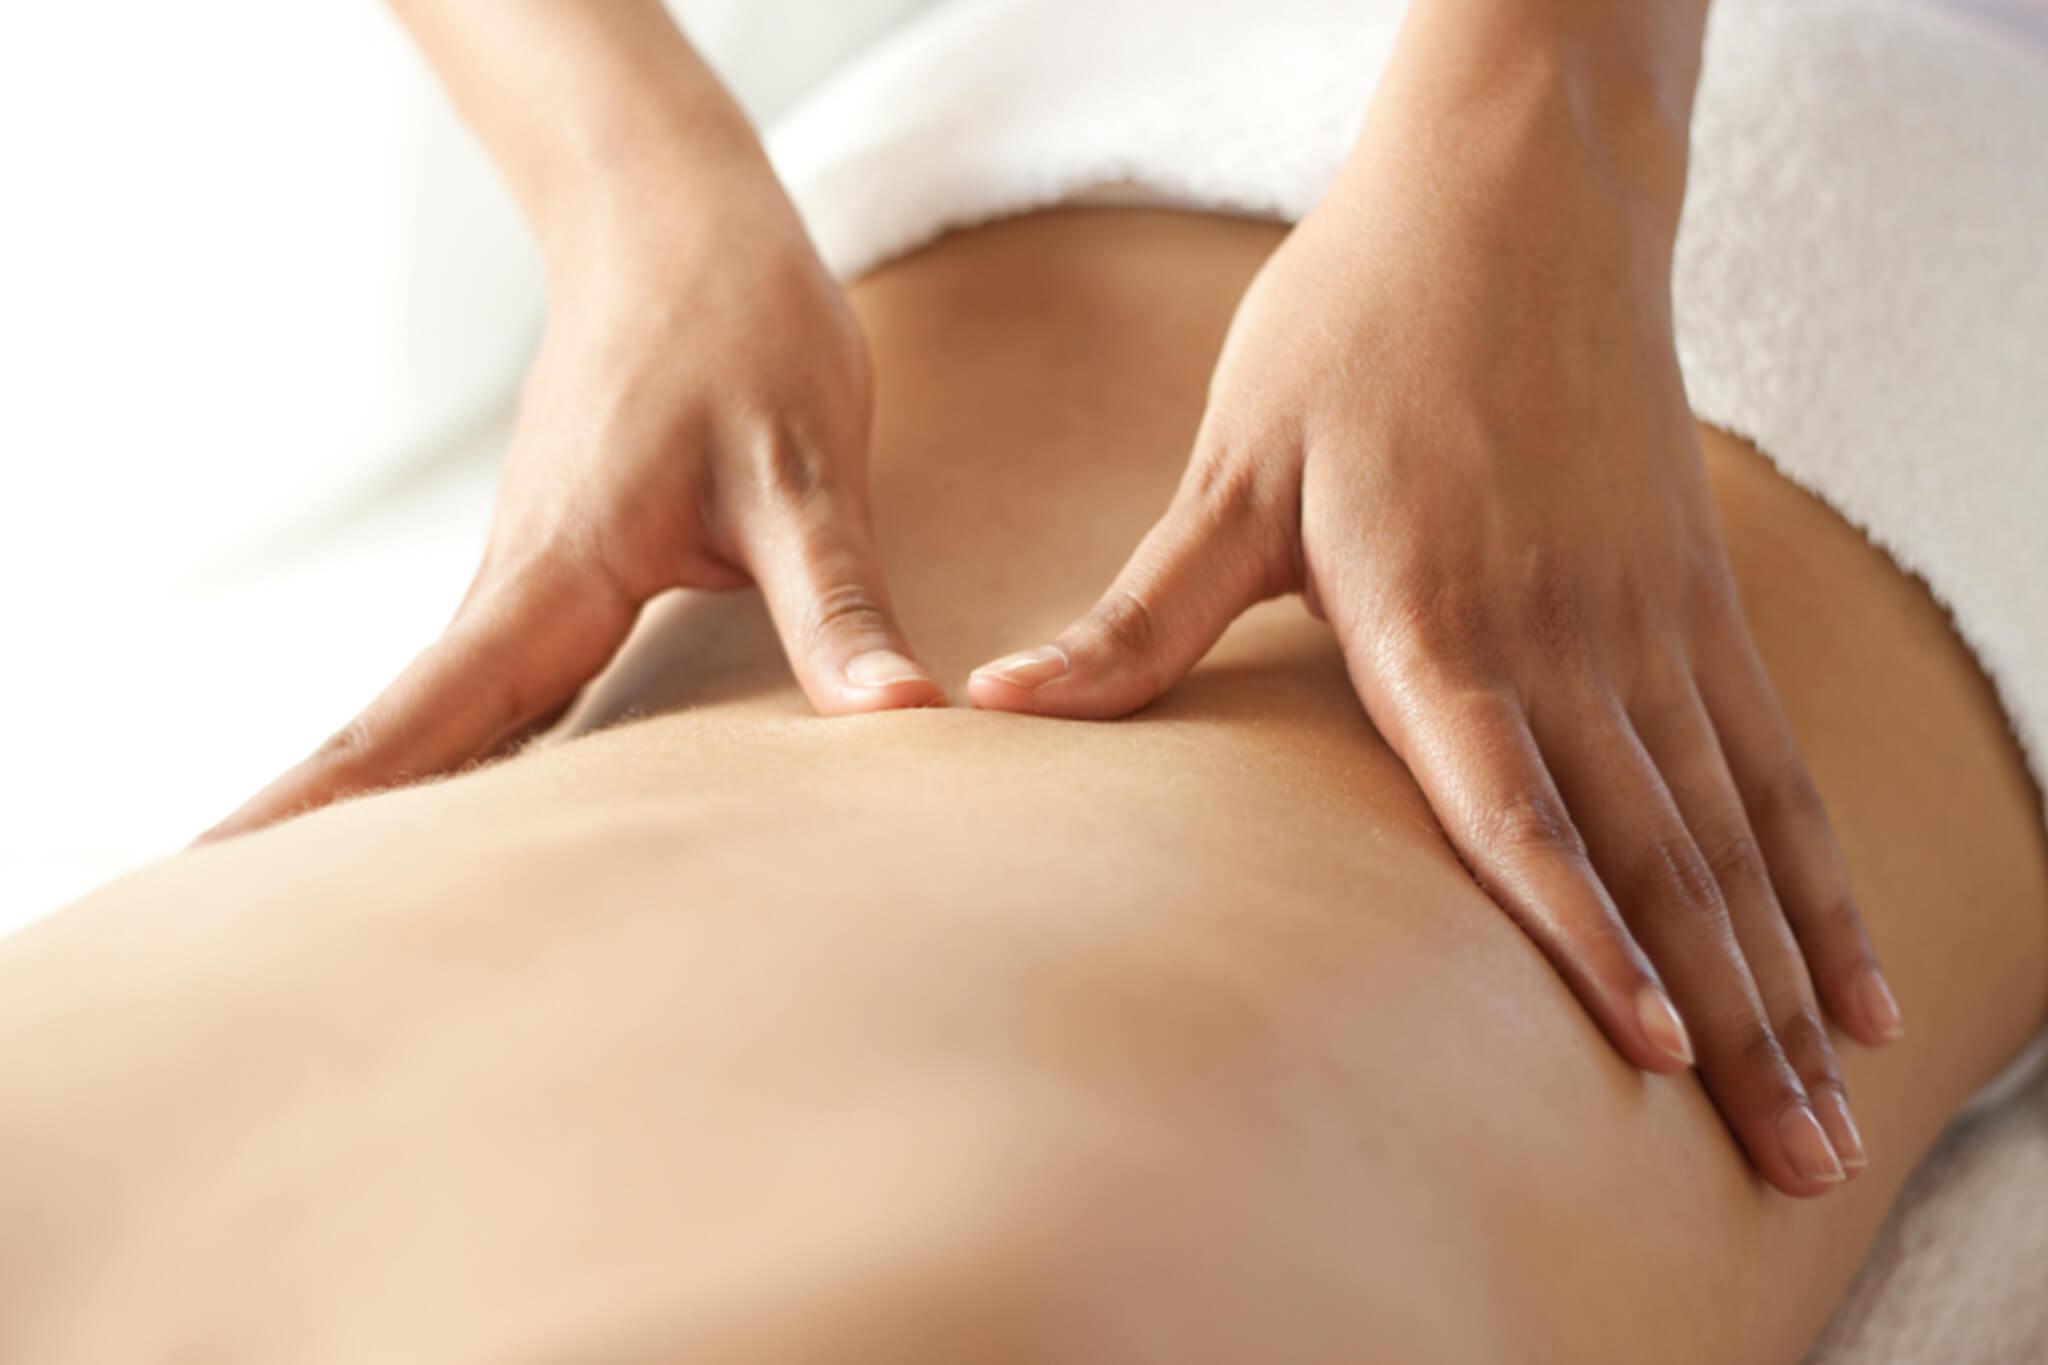 Patagonia Massage